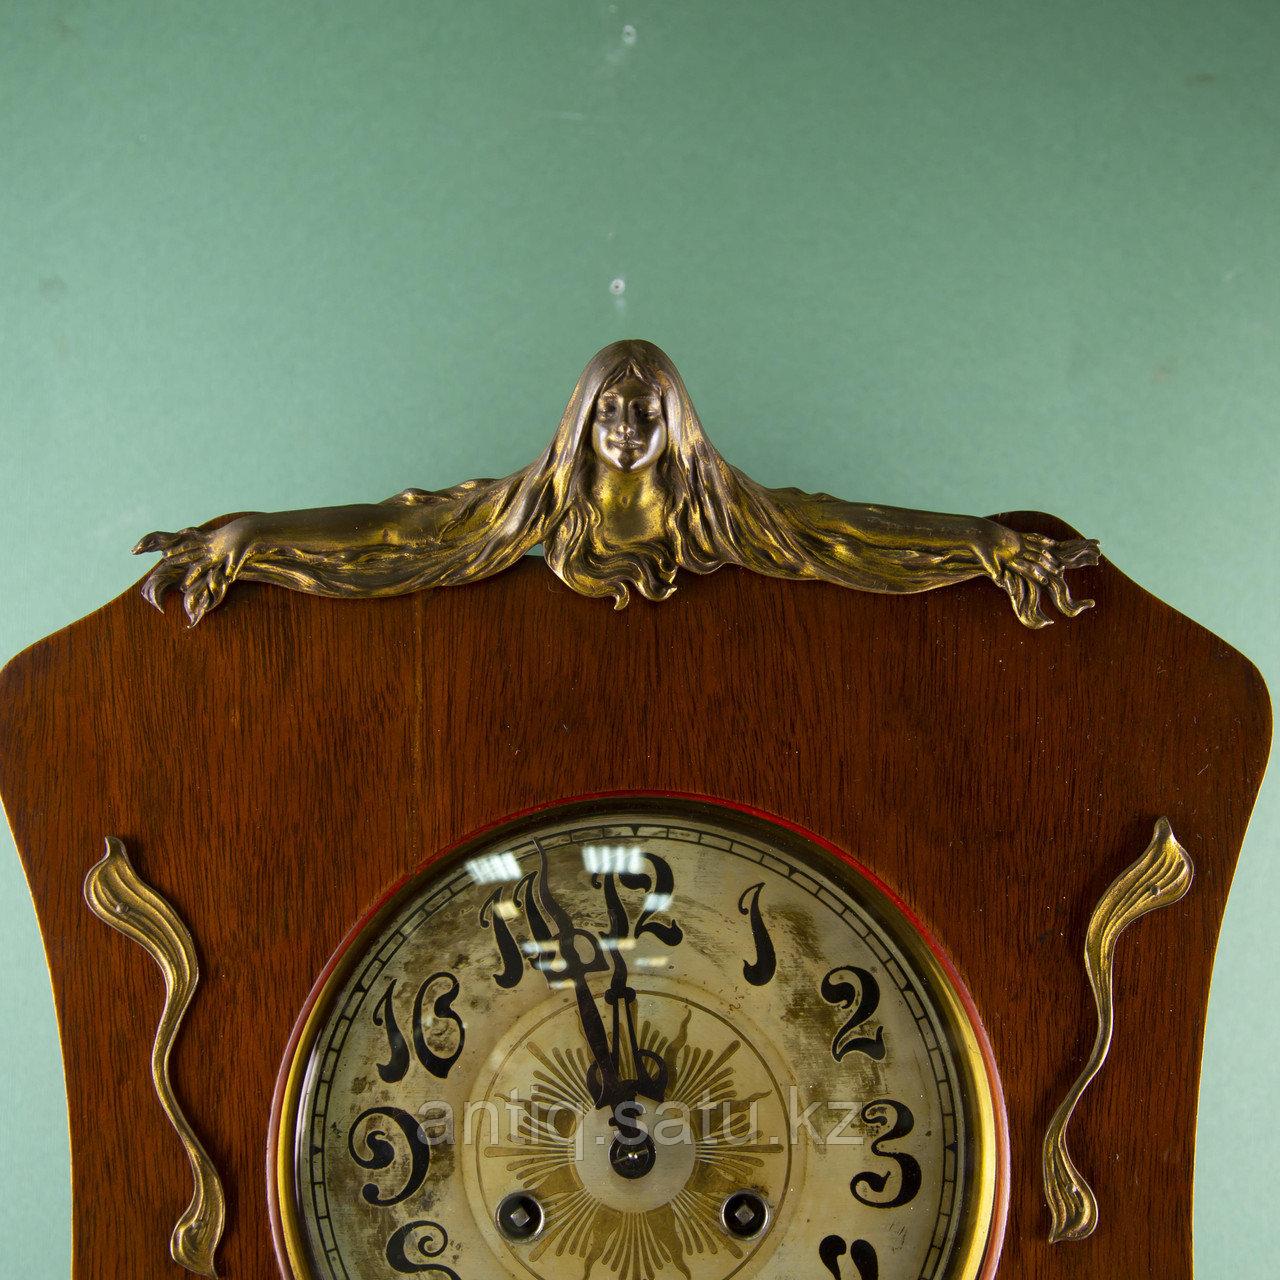 Редкие часы в стиле Ар Нуво. Часовая мастерская Junghans Германия. 1920-1930 годы. - фото 3